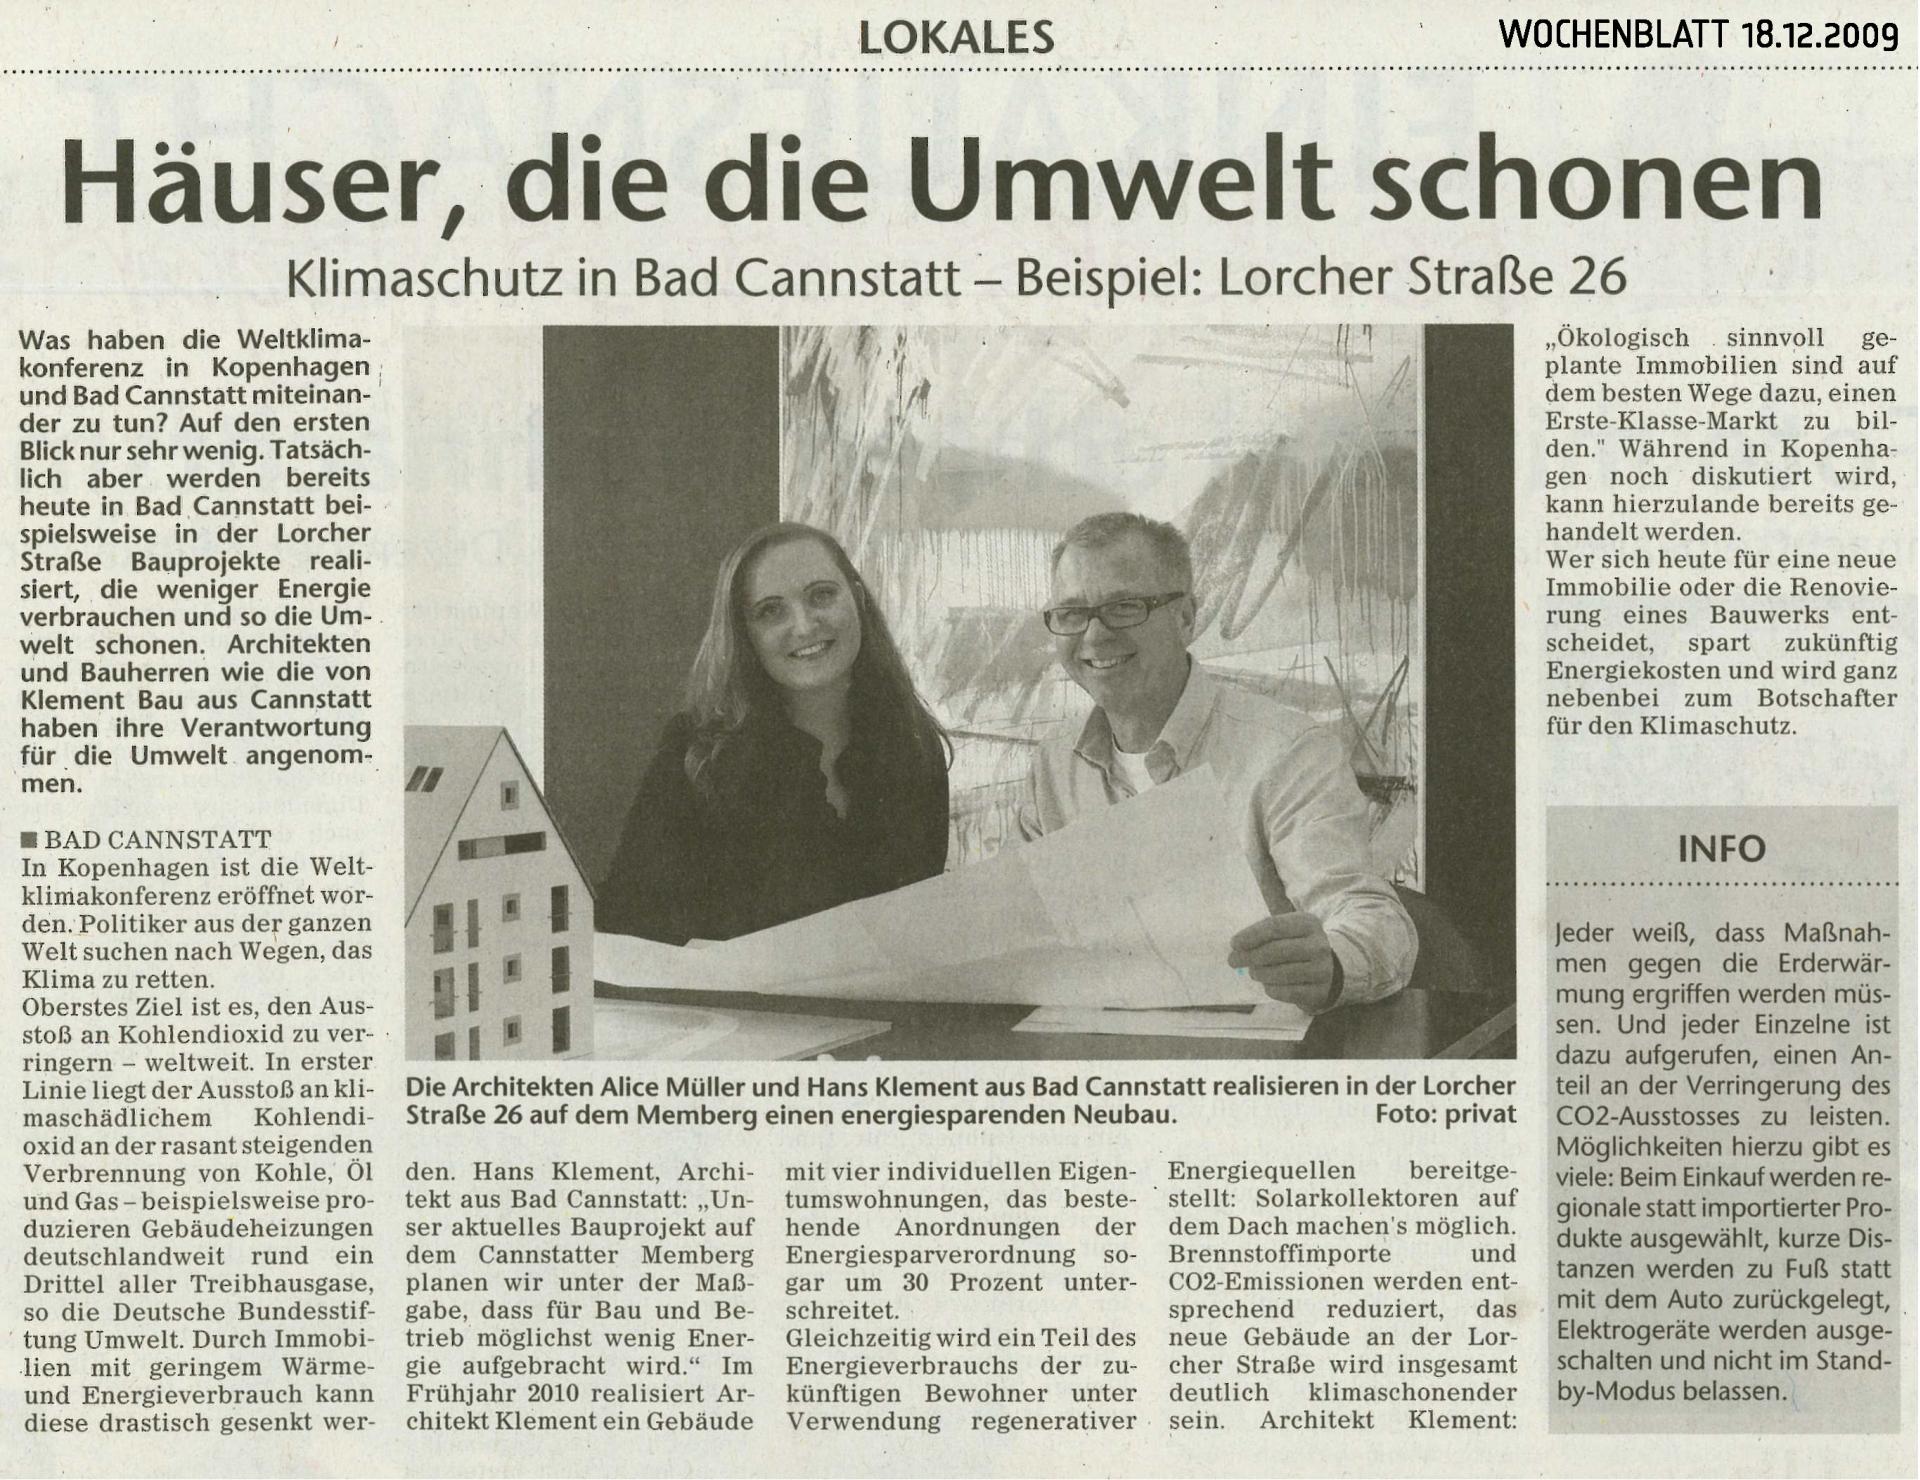 Presse-2009-Stuttgart-Wochenblatt-Haeuser-die-die-Umwelt-schonen